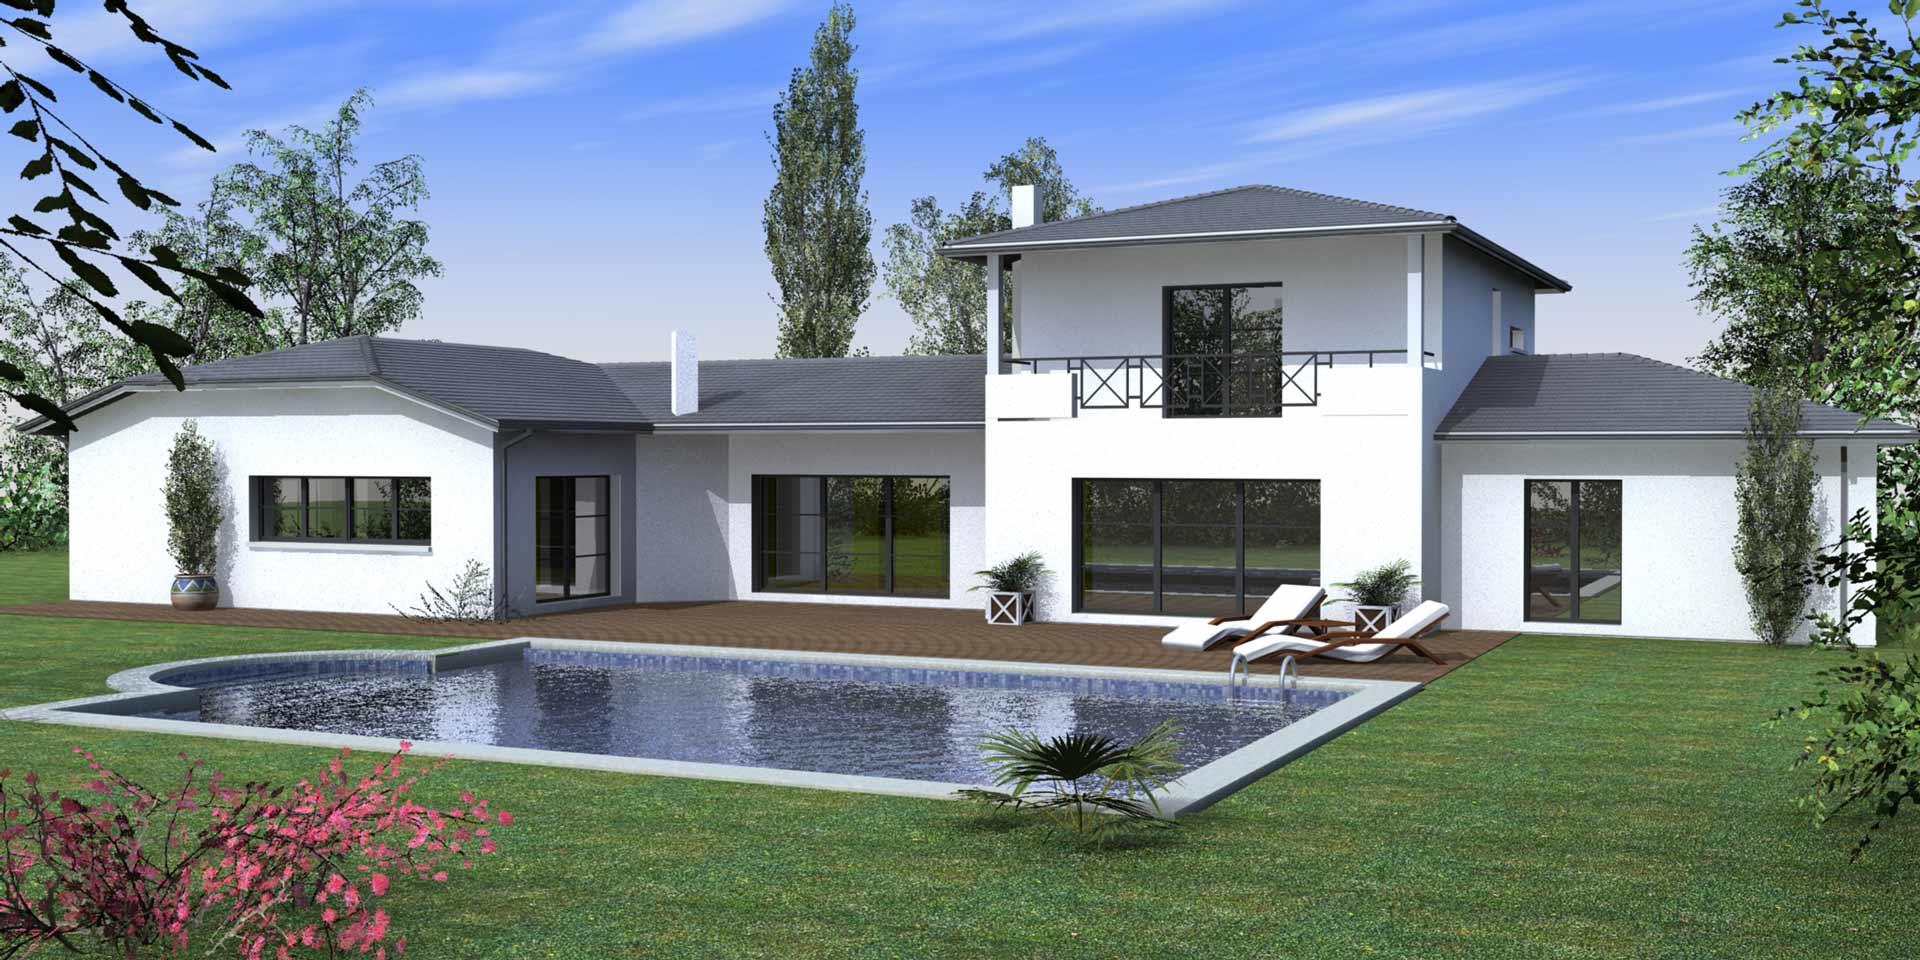 Constructeur maison individuelle bordeaux for Construction maison neuve bordeaux